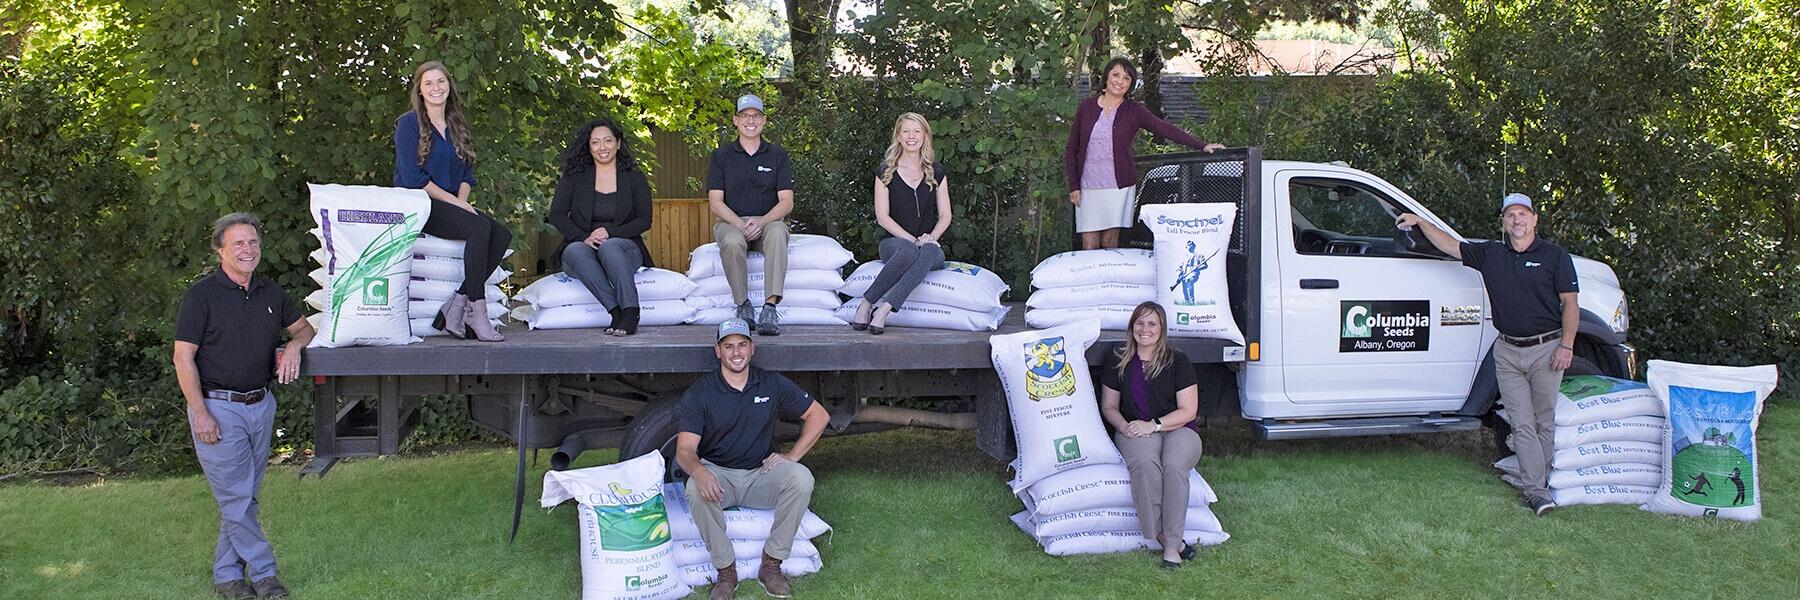 Columbia Seeds Team